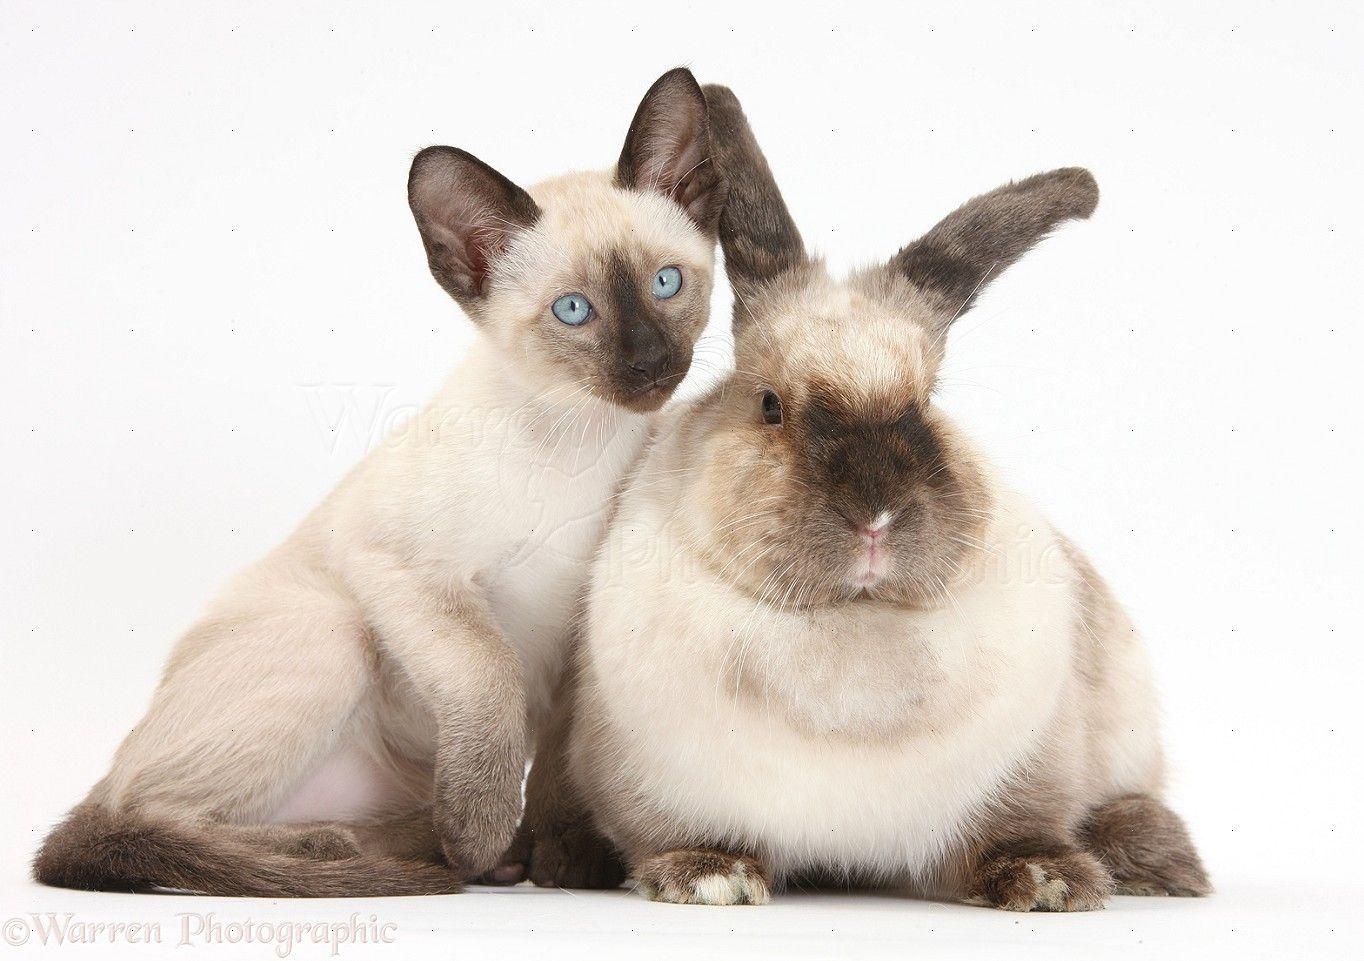 Pets Colourpoint Rabbit And Siamese Kitten 10 Weeks Old Photo Siamese Kittens Kitten Art Pets